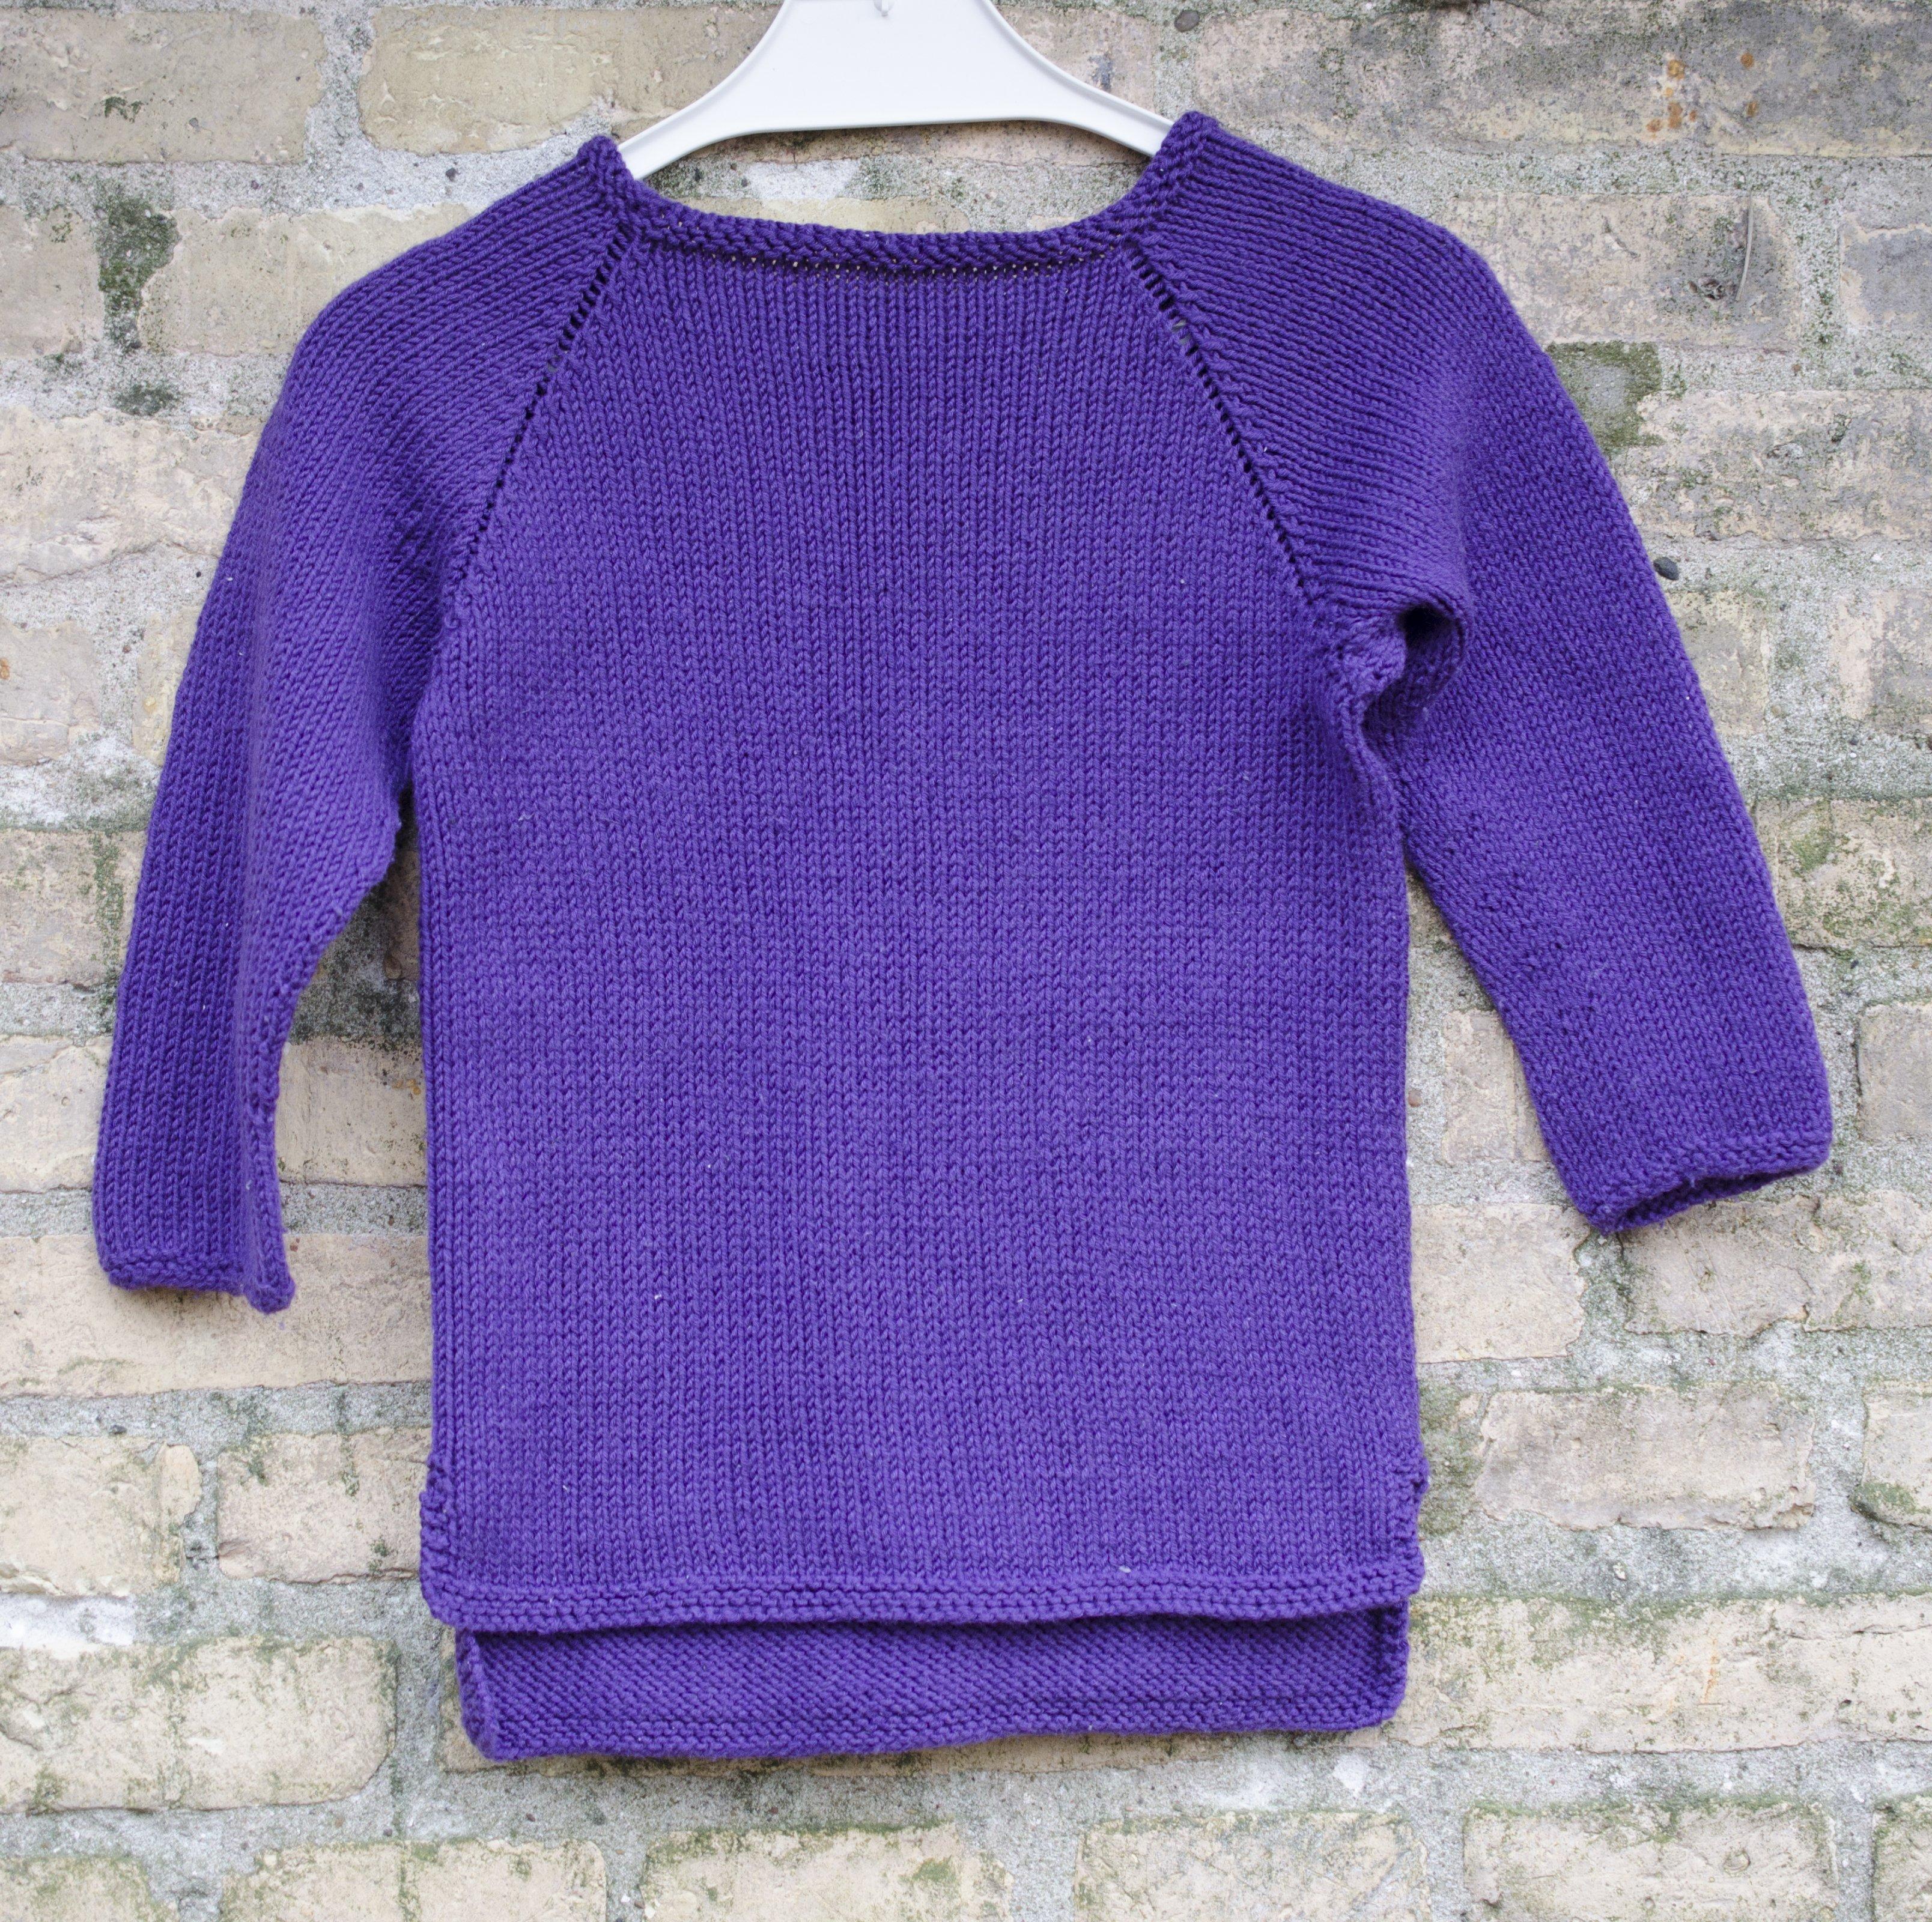 Strikkeopskrift på enkel bluse til dreng, piger, baby og børn